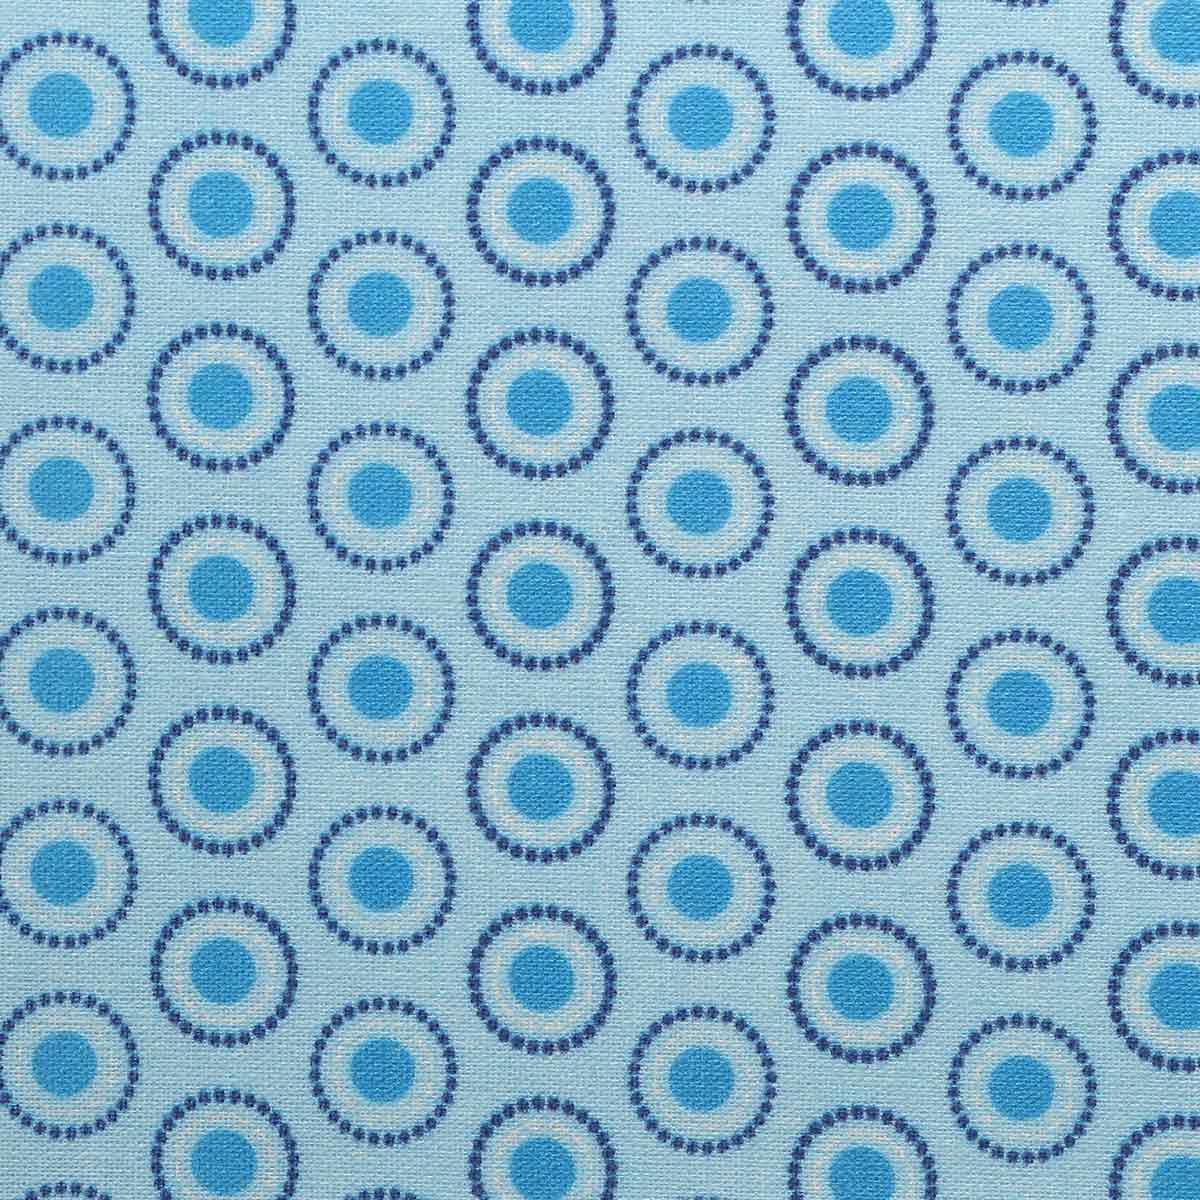 АМ592007 Ткань 'Разноцветные круги' №7, 100% хлопок, 120 г/м2, размер 48*50см